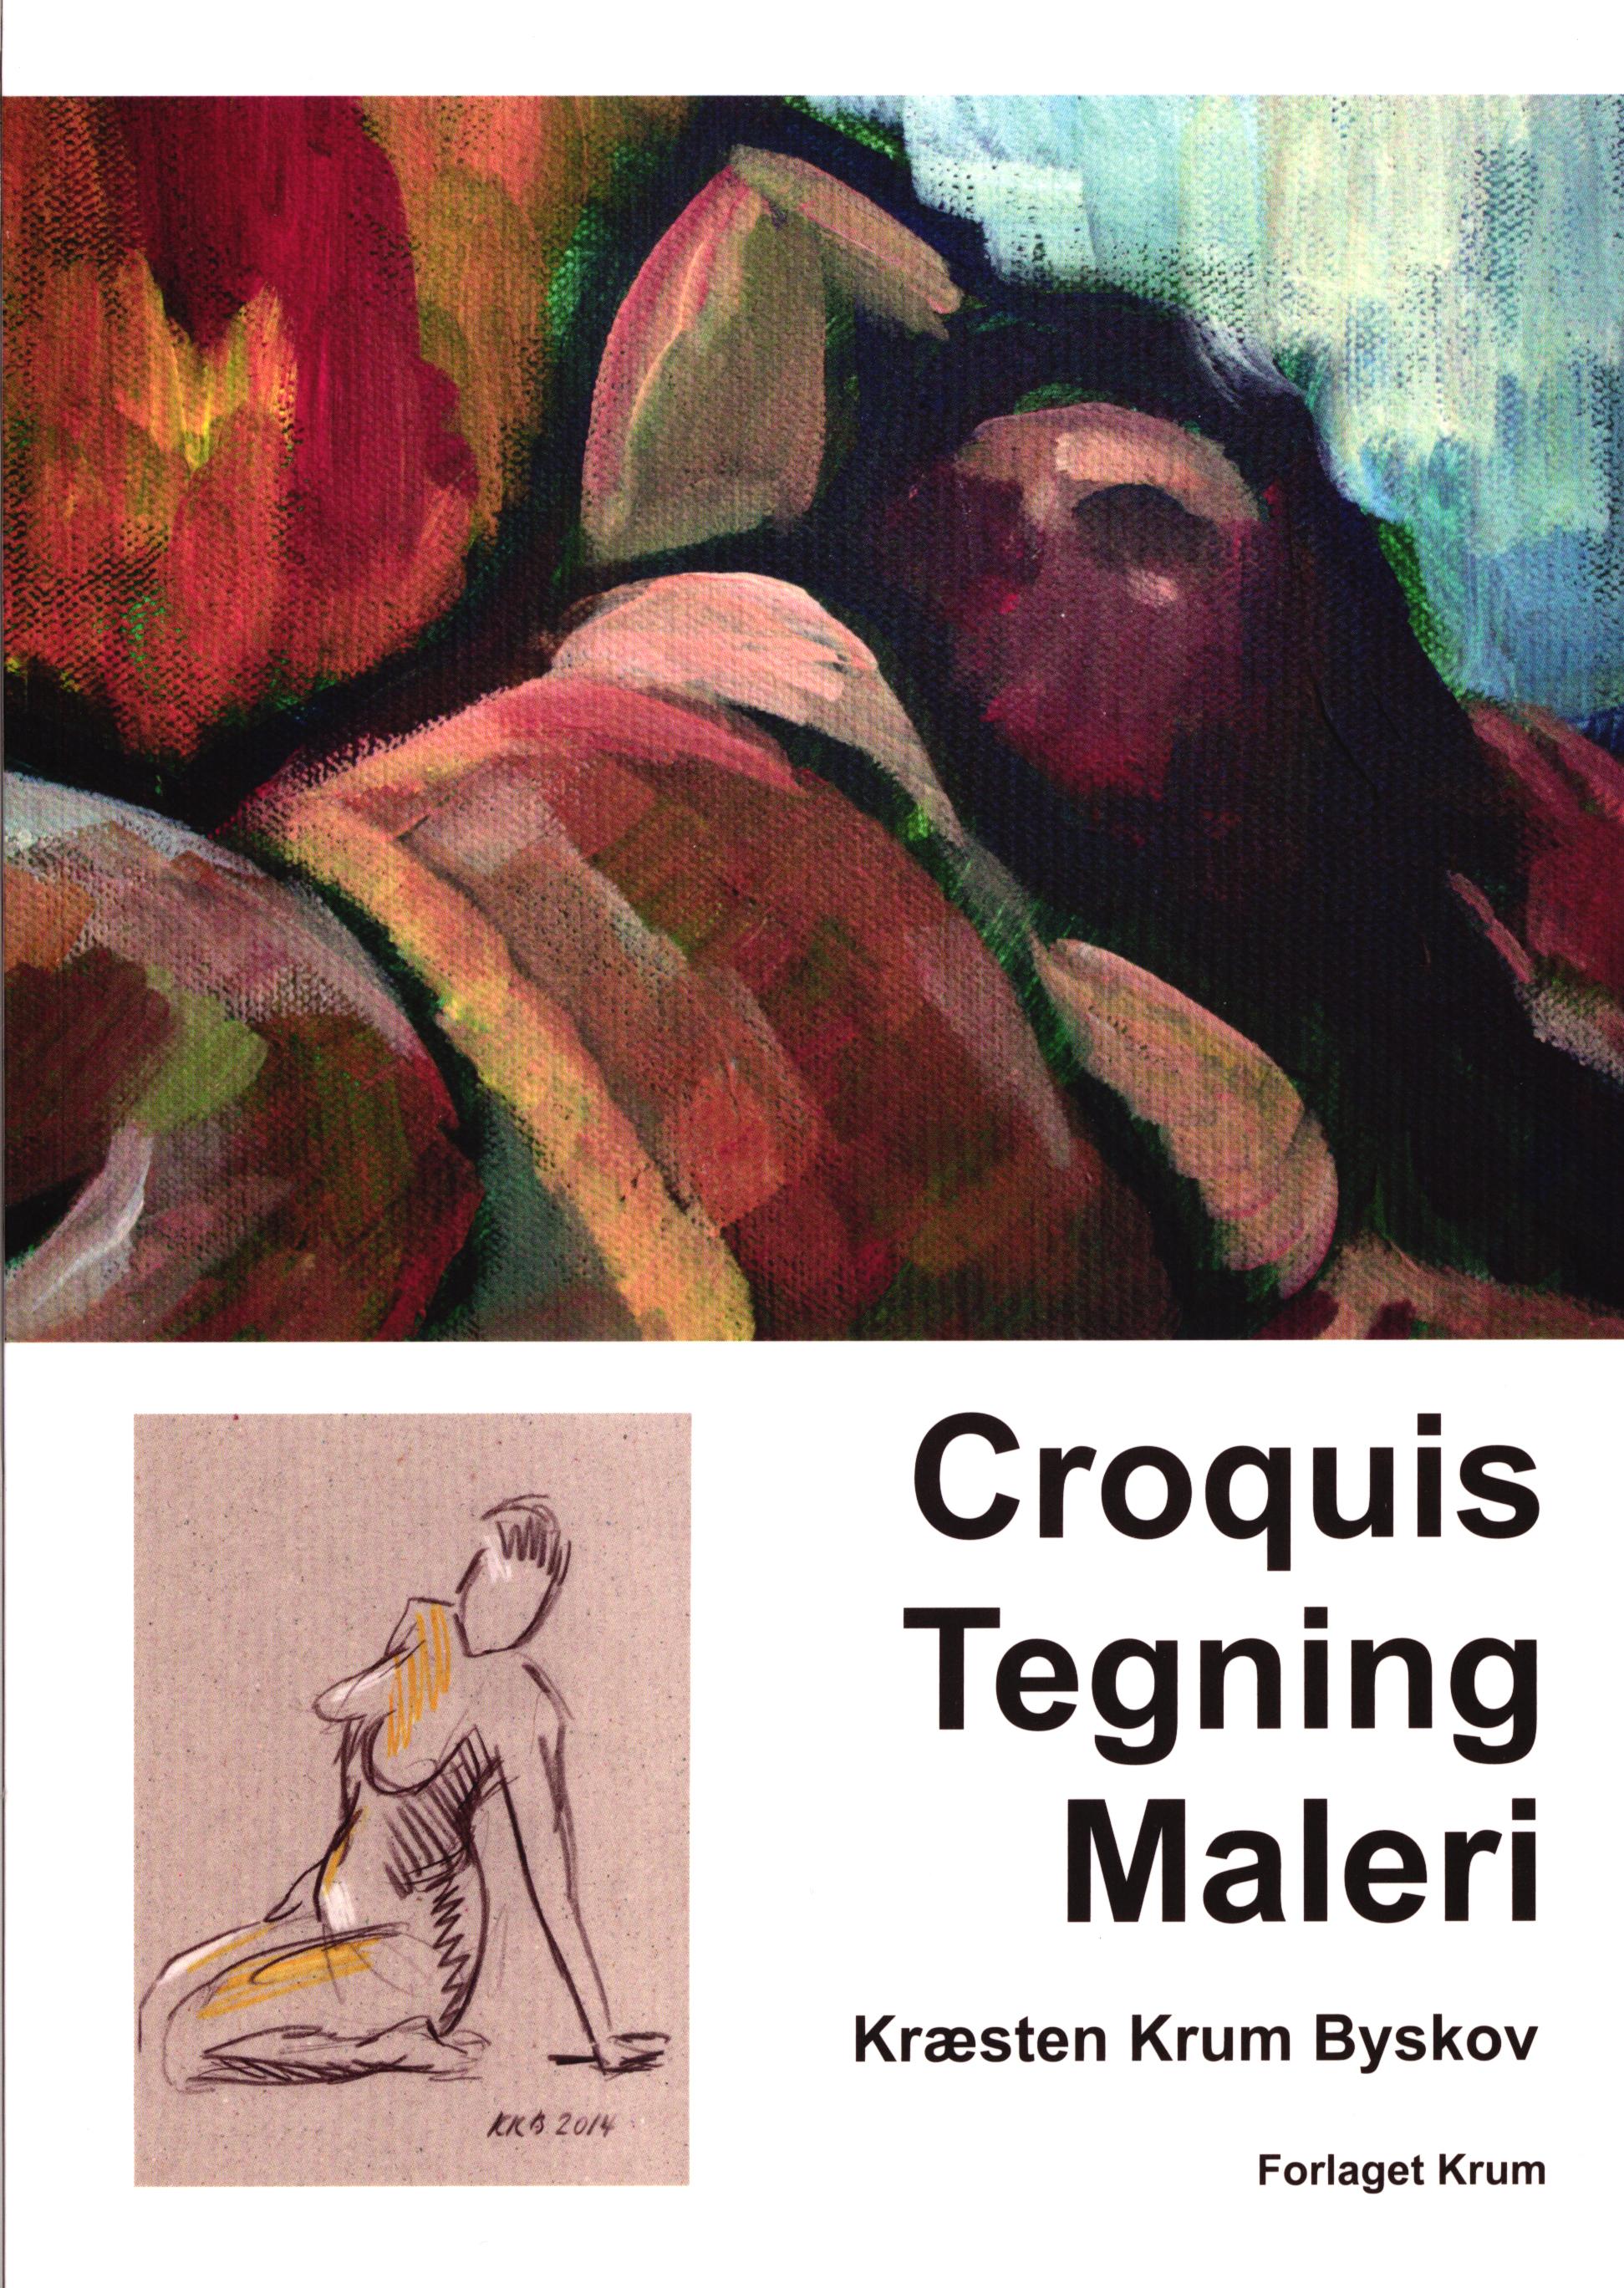 Croquis Tegning Maleri